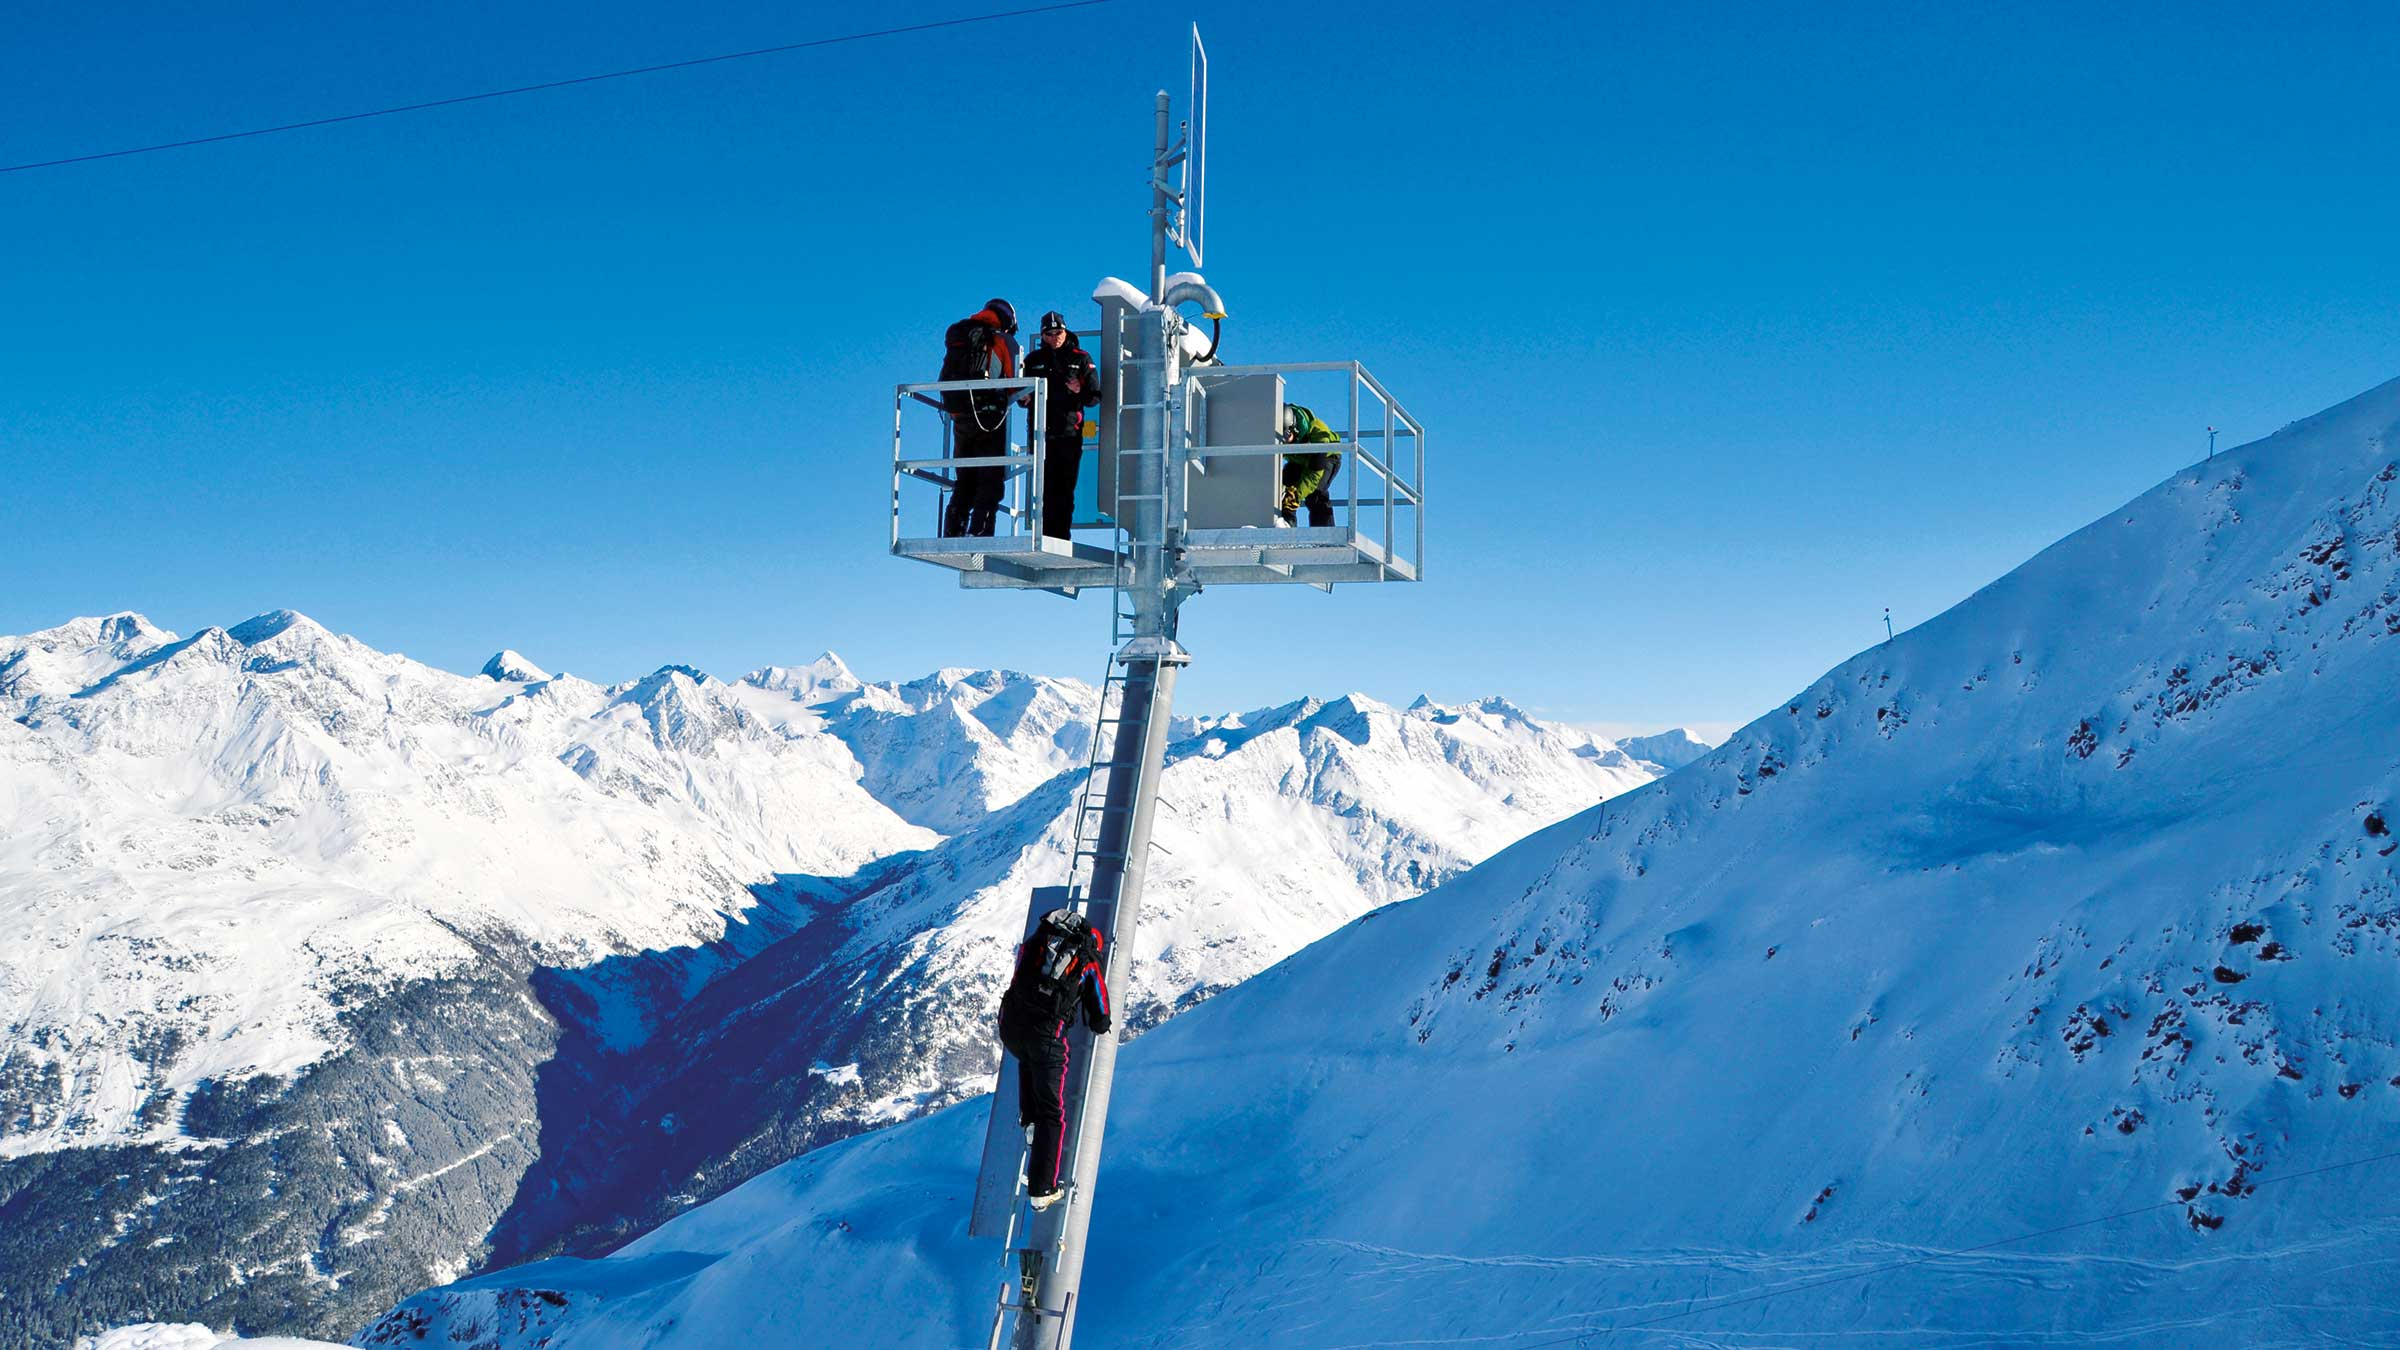 Sprengmasten im Skigebiet - Sicherung Skigebiet Sölden